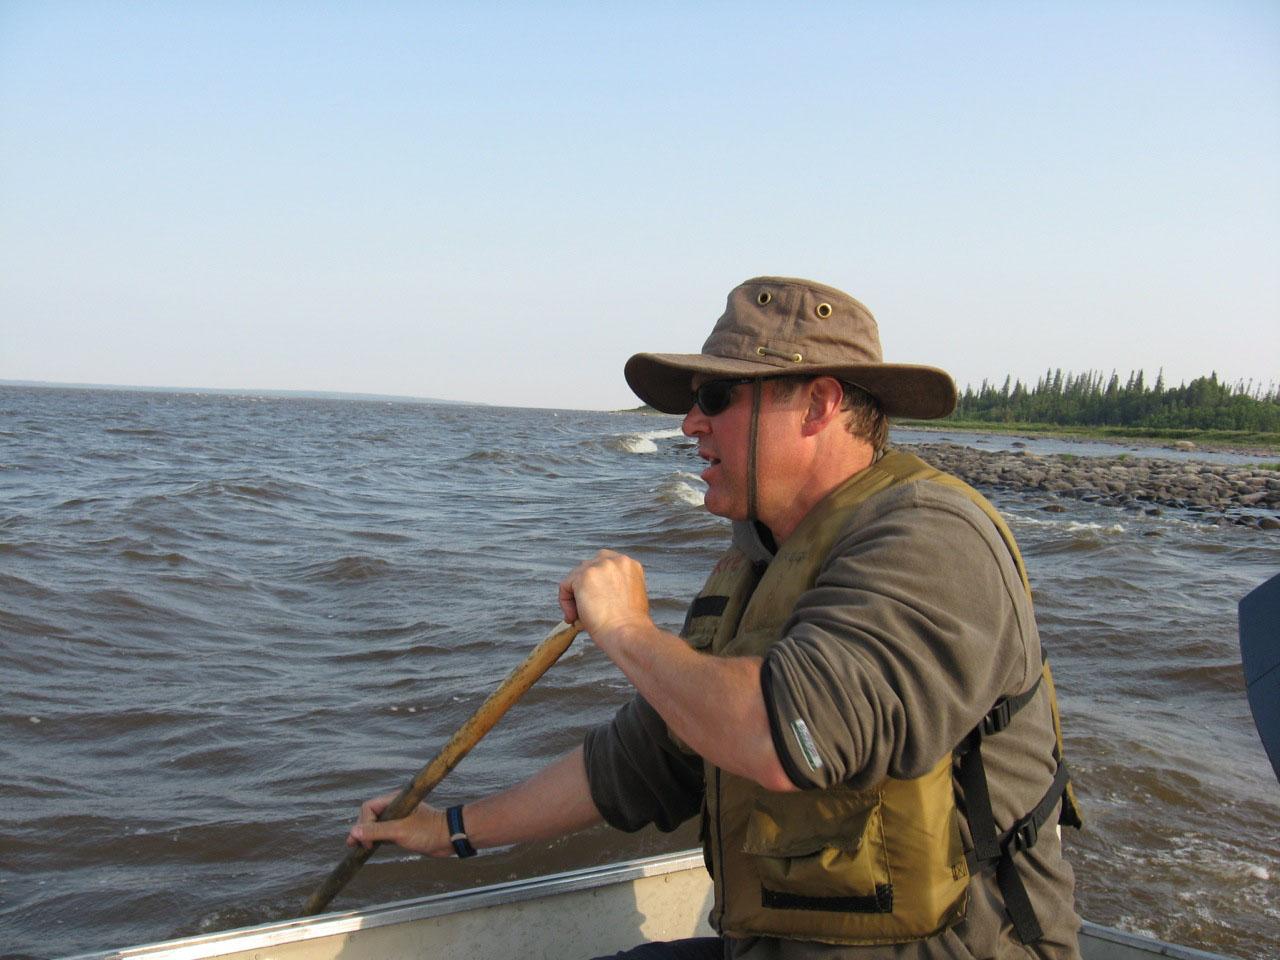 Kreg Ettenger paddling boat